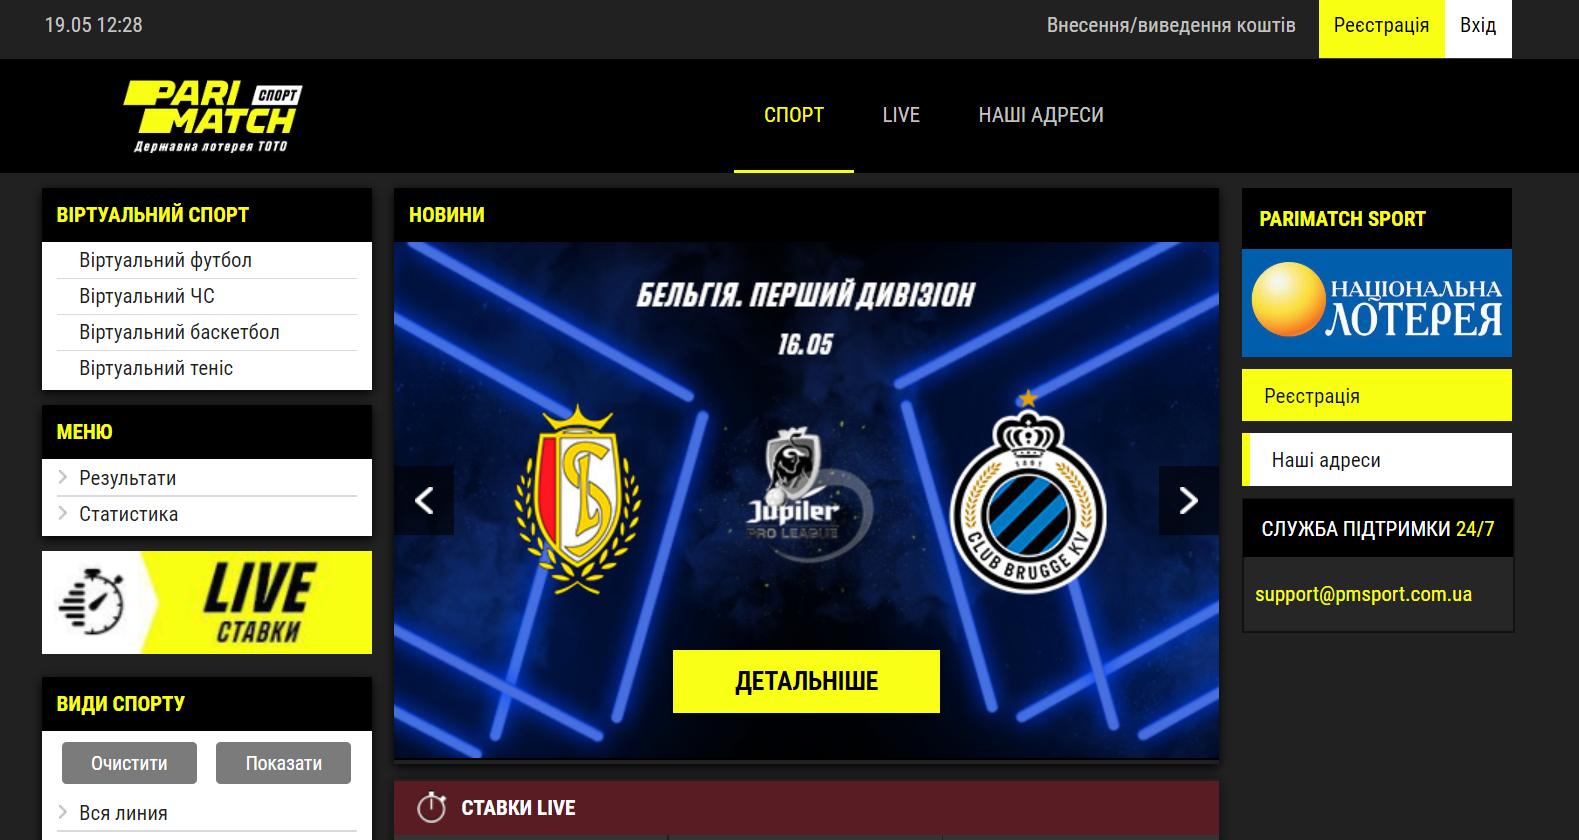 Лучшее онлайн-казино Беларуси «Париматч»